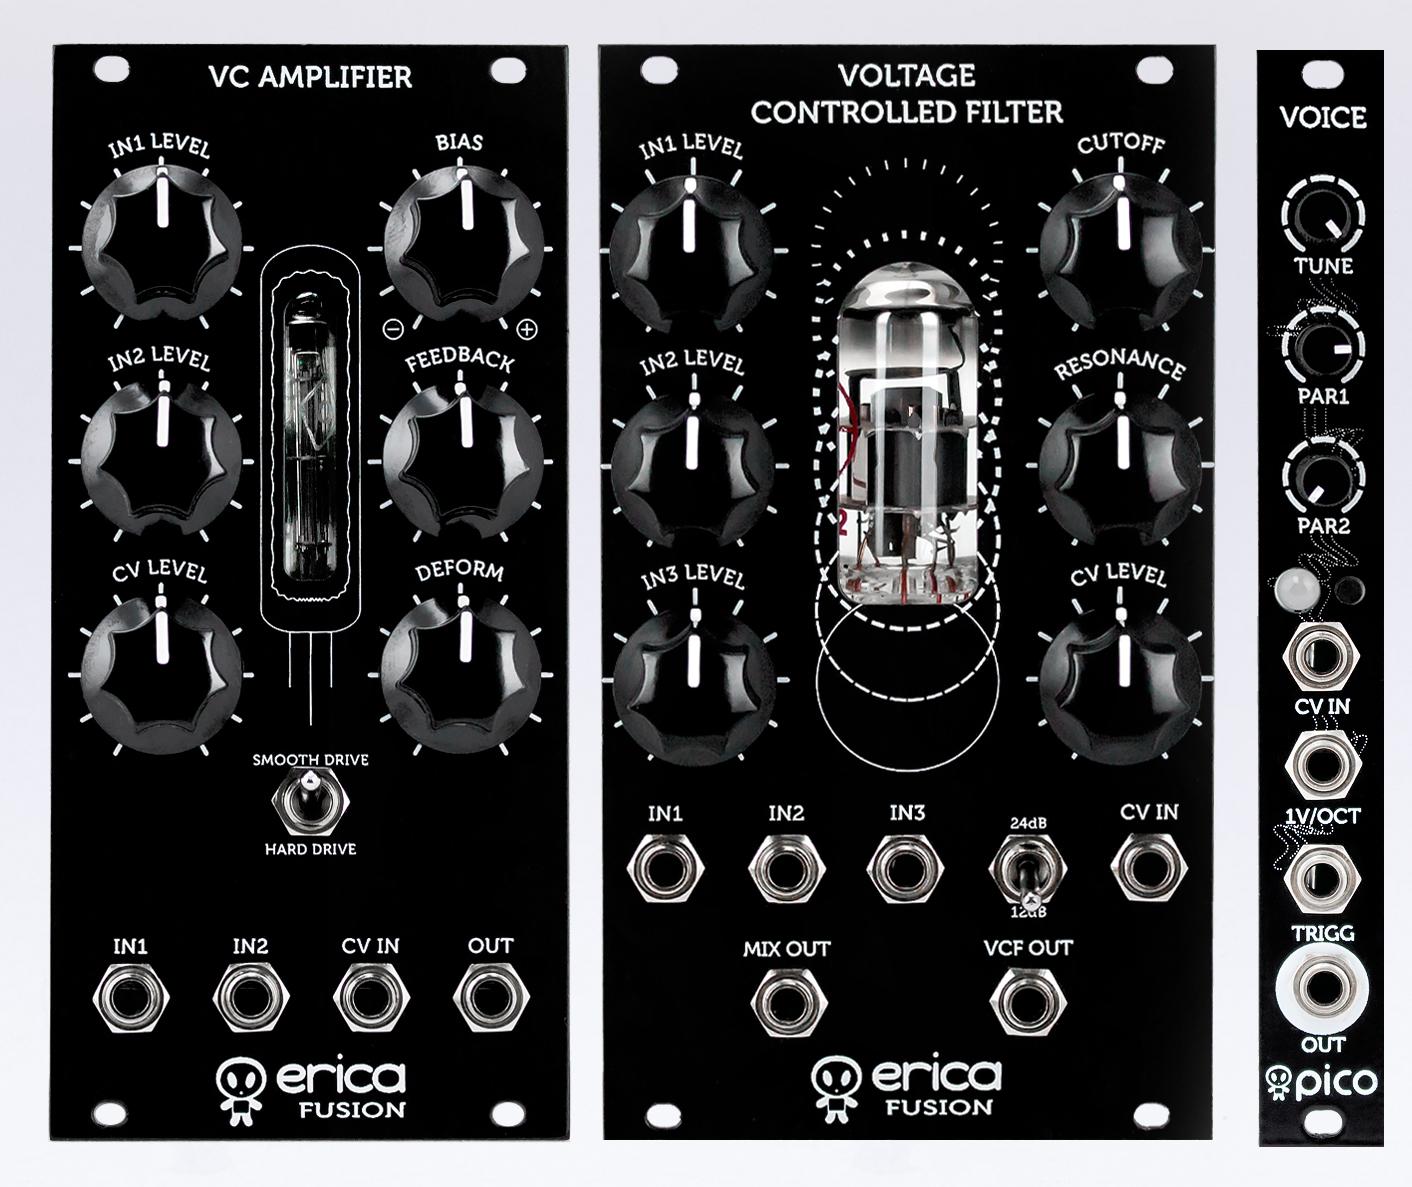 Erica Fuison-VCF+VCA-mk2 + Pico Voice